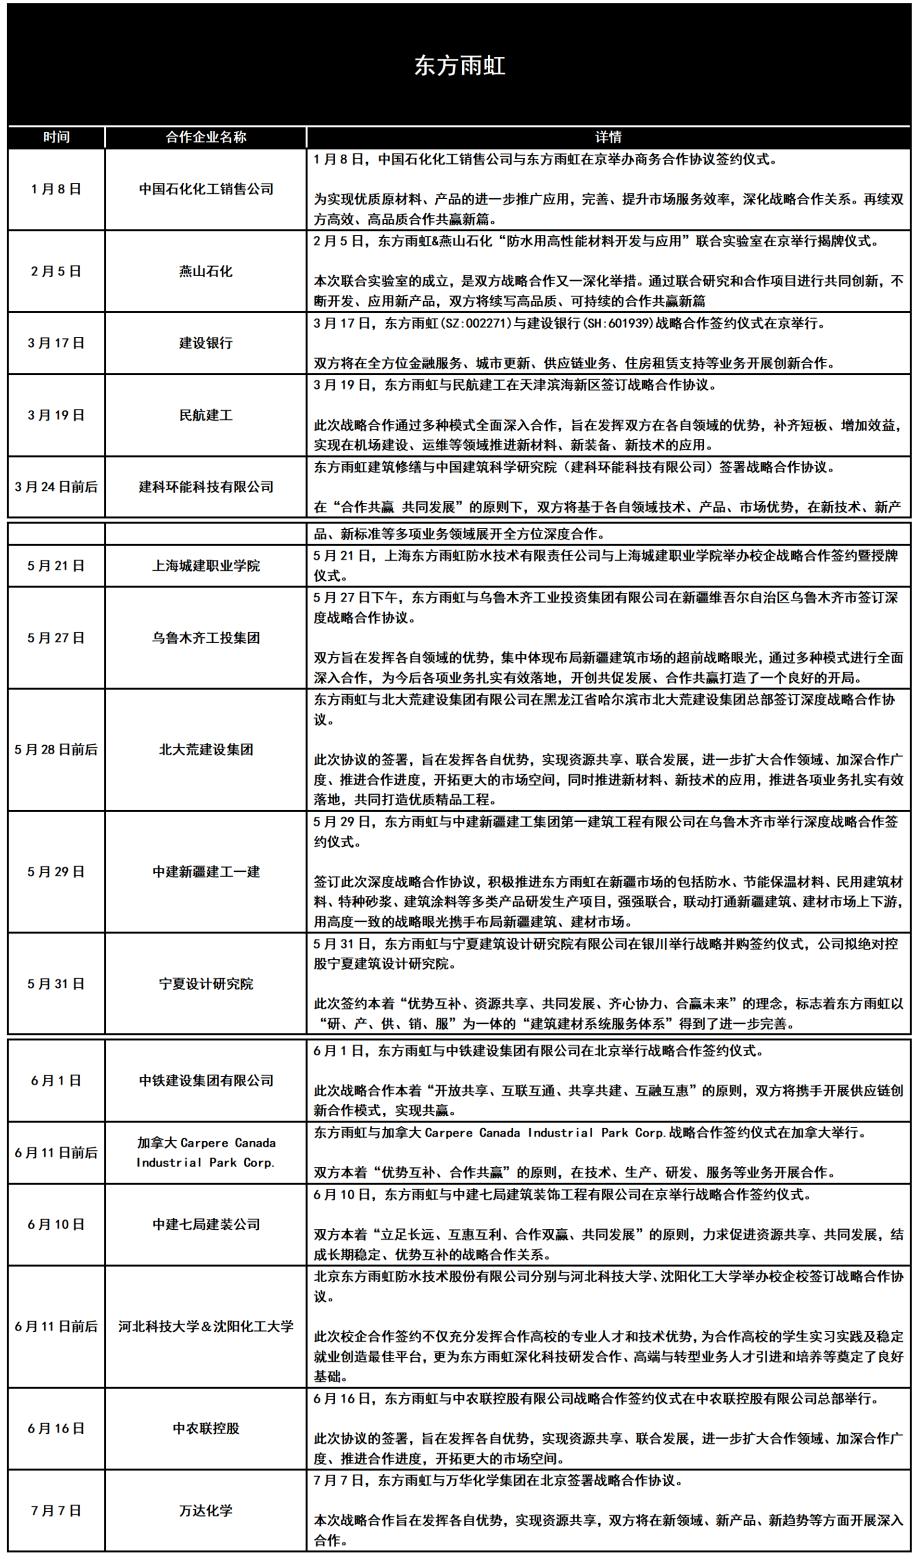 寰俊鍥剧墖_20210721110325.png